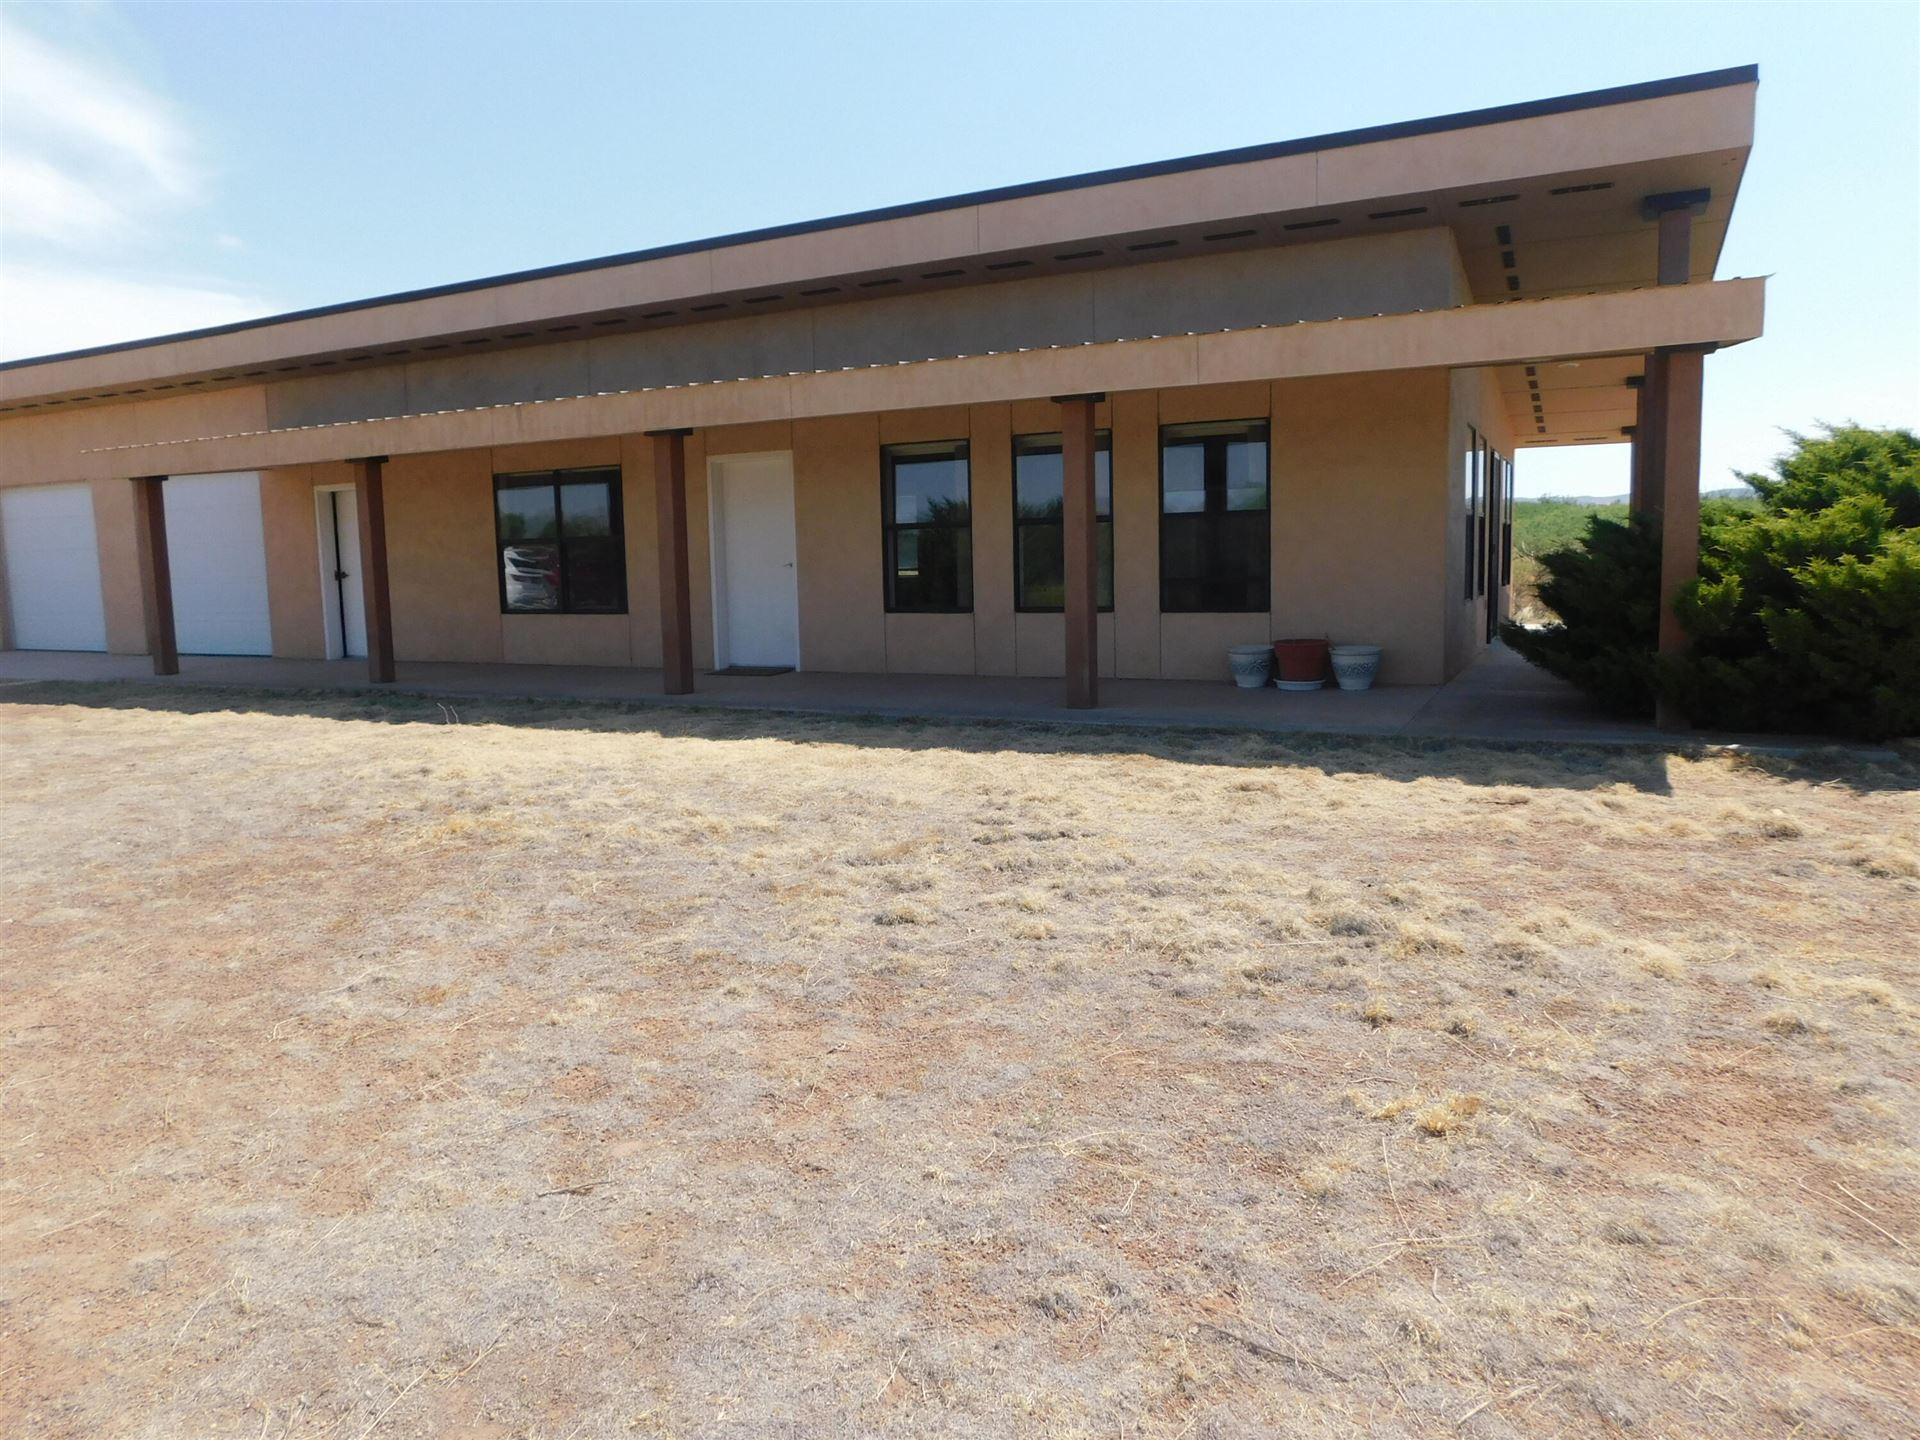 Photo of 510 Bosquecito Road, San Antonio, NM 87832 (MLS # 994836)